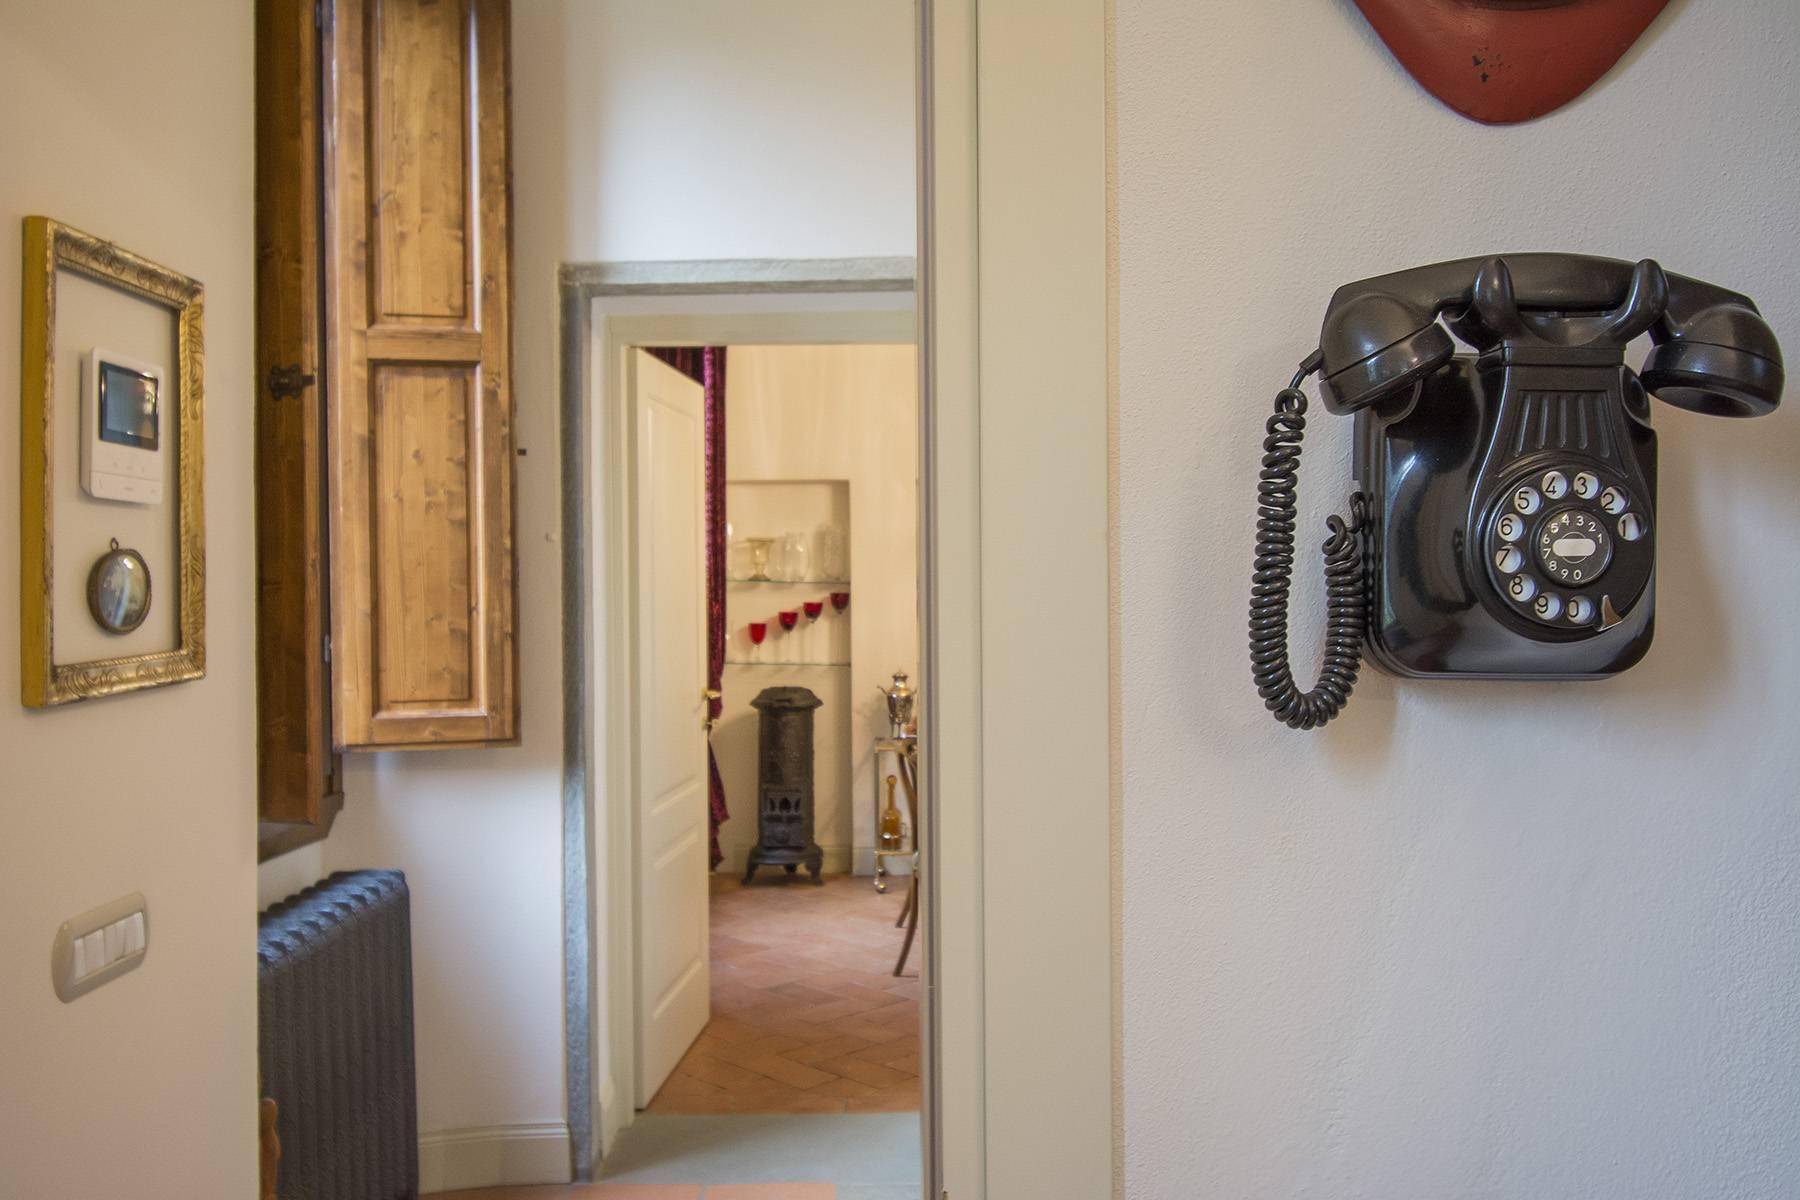 位于古老别墅里的精美公寓 - 14